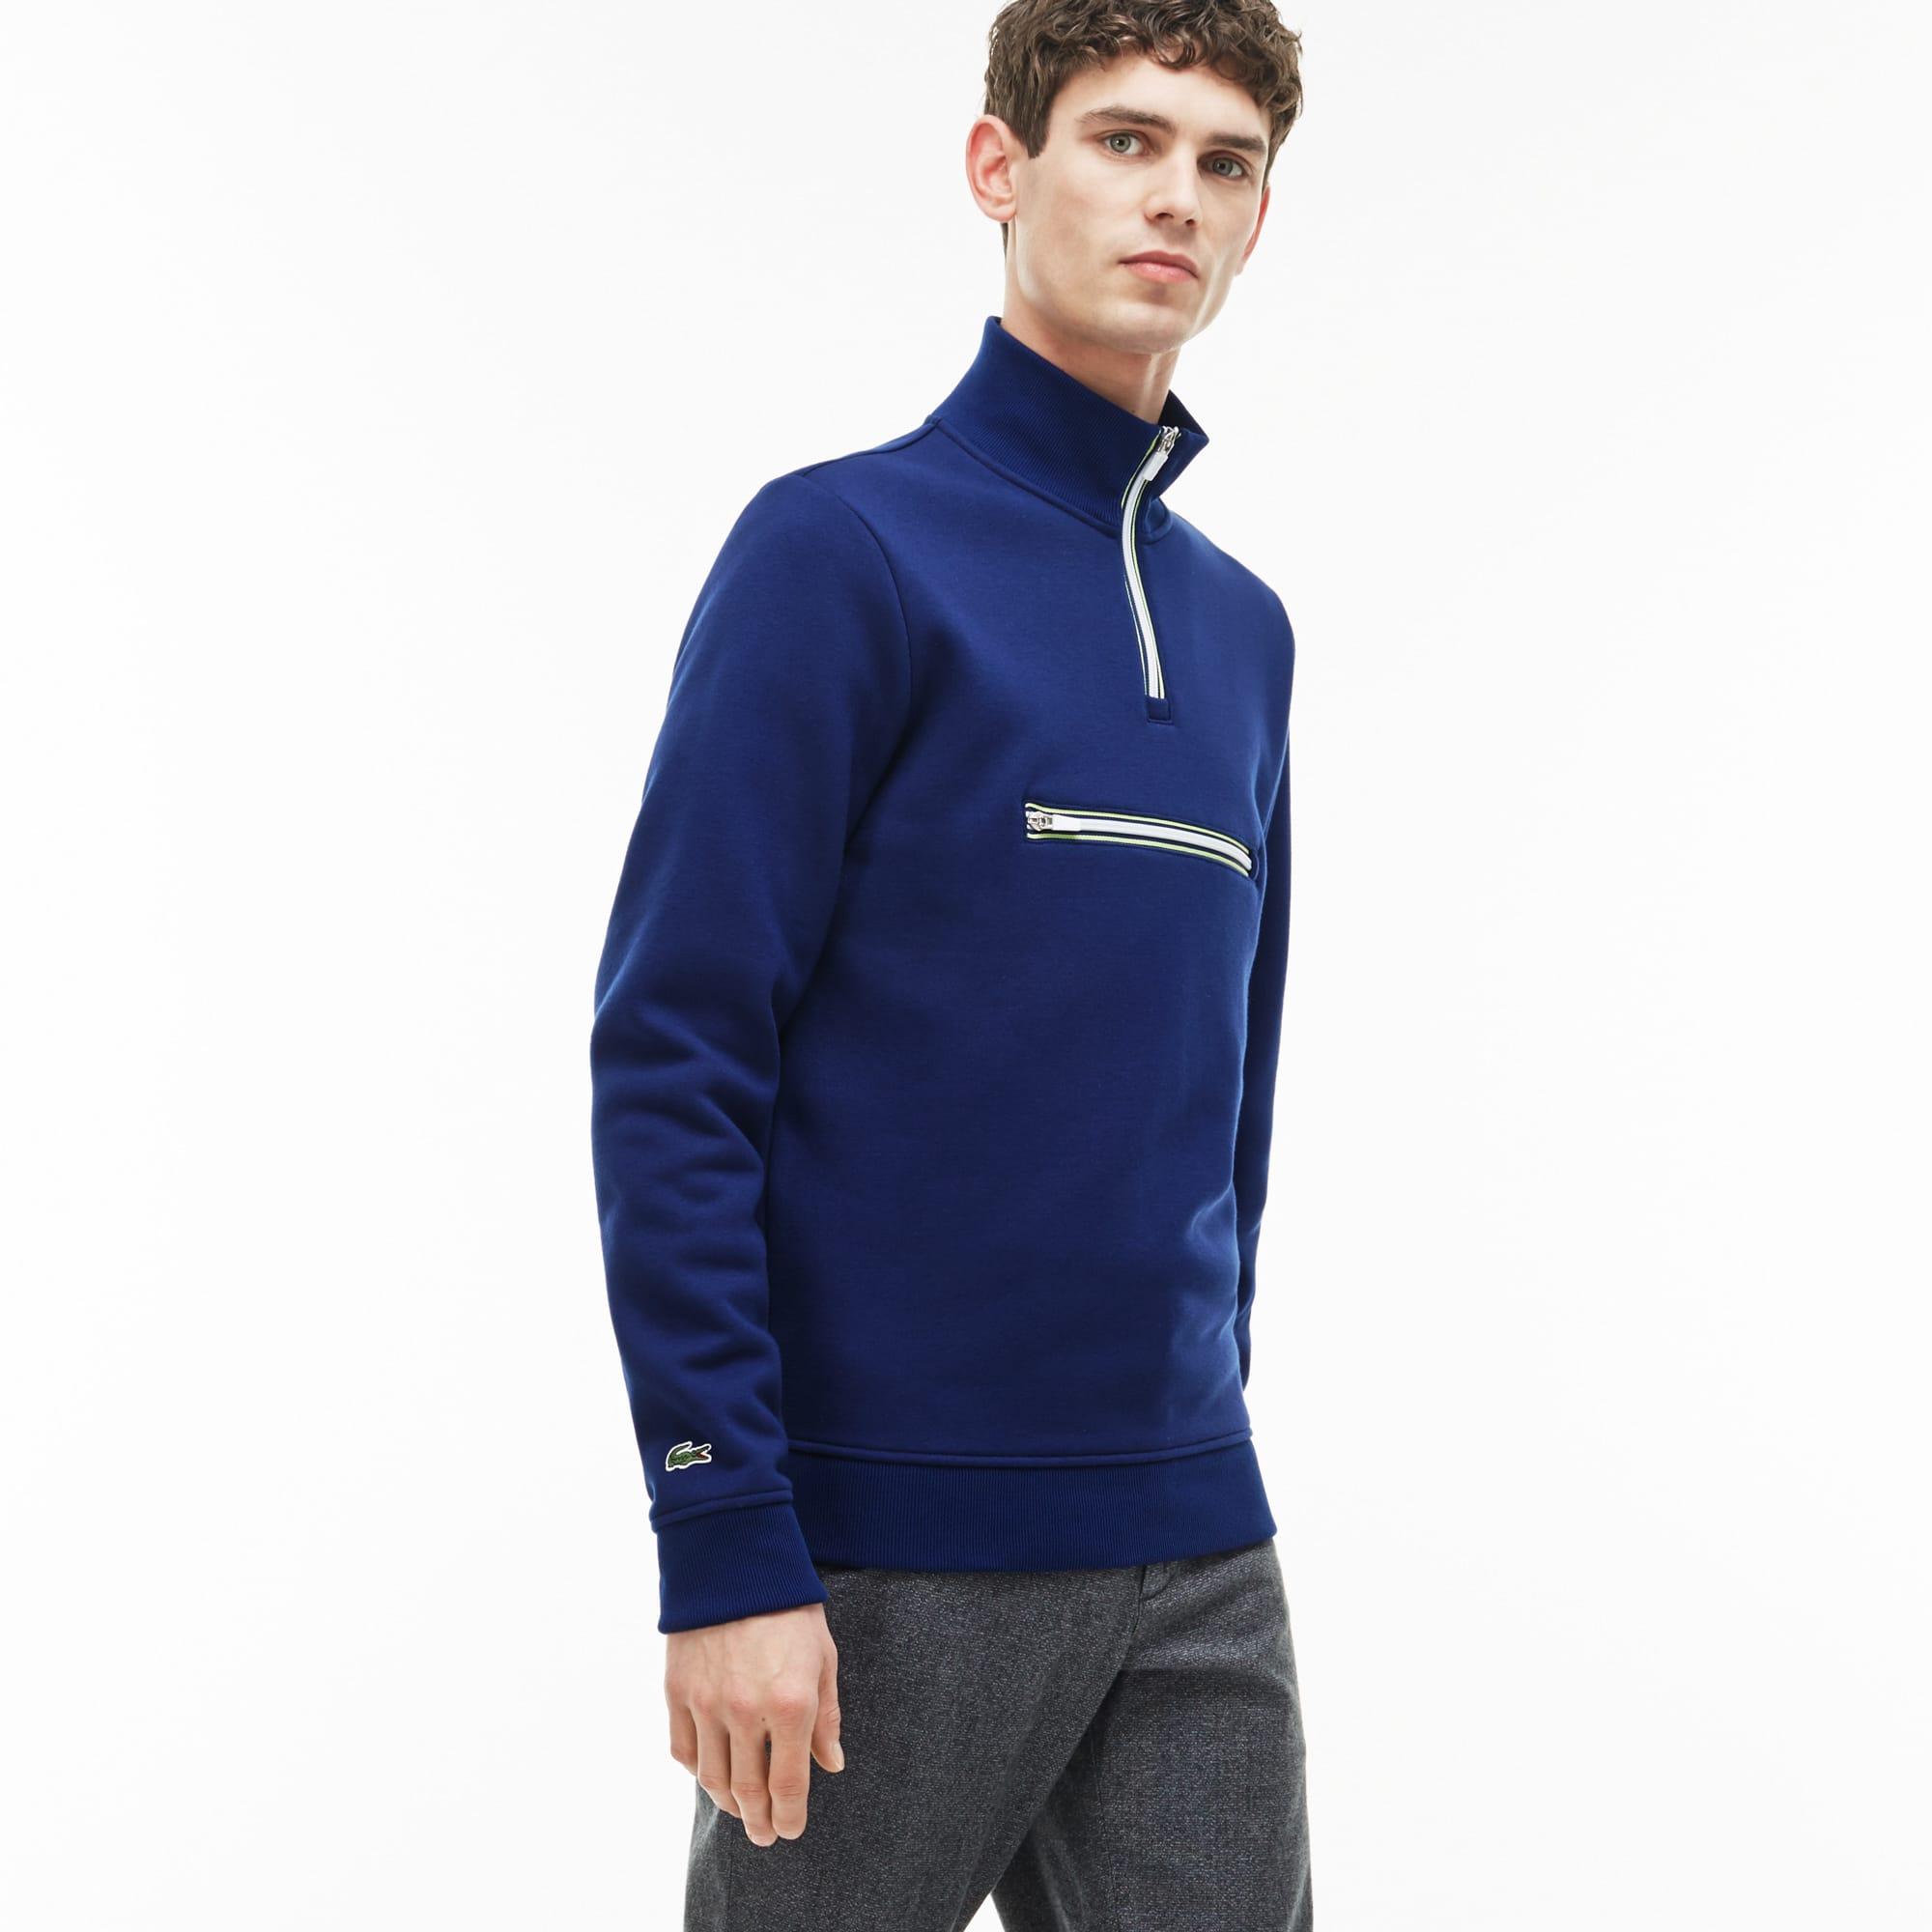 Men's Fleece Zip Stand-Up Collar Sweatshirt With Piping